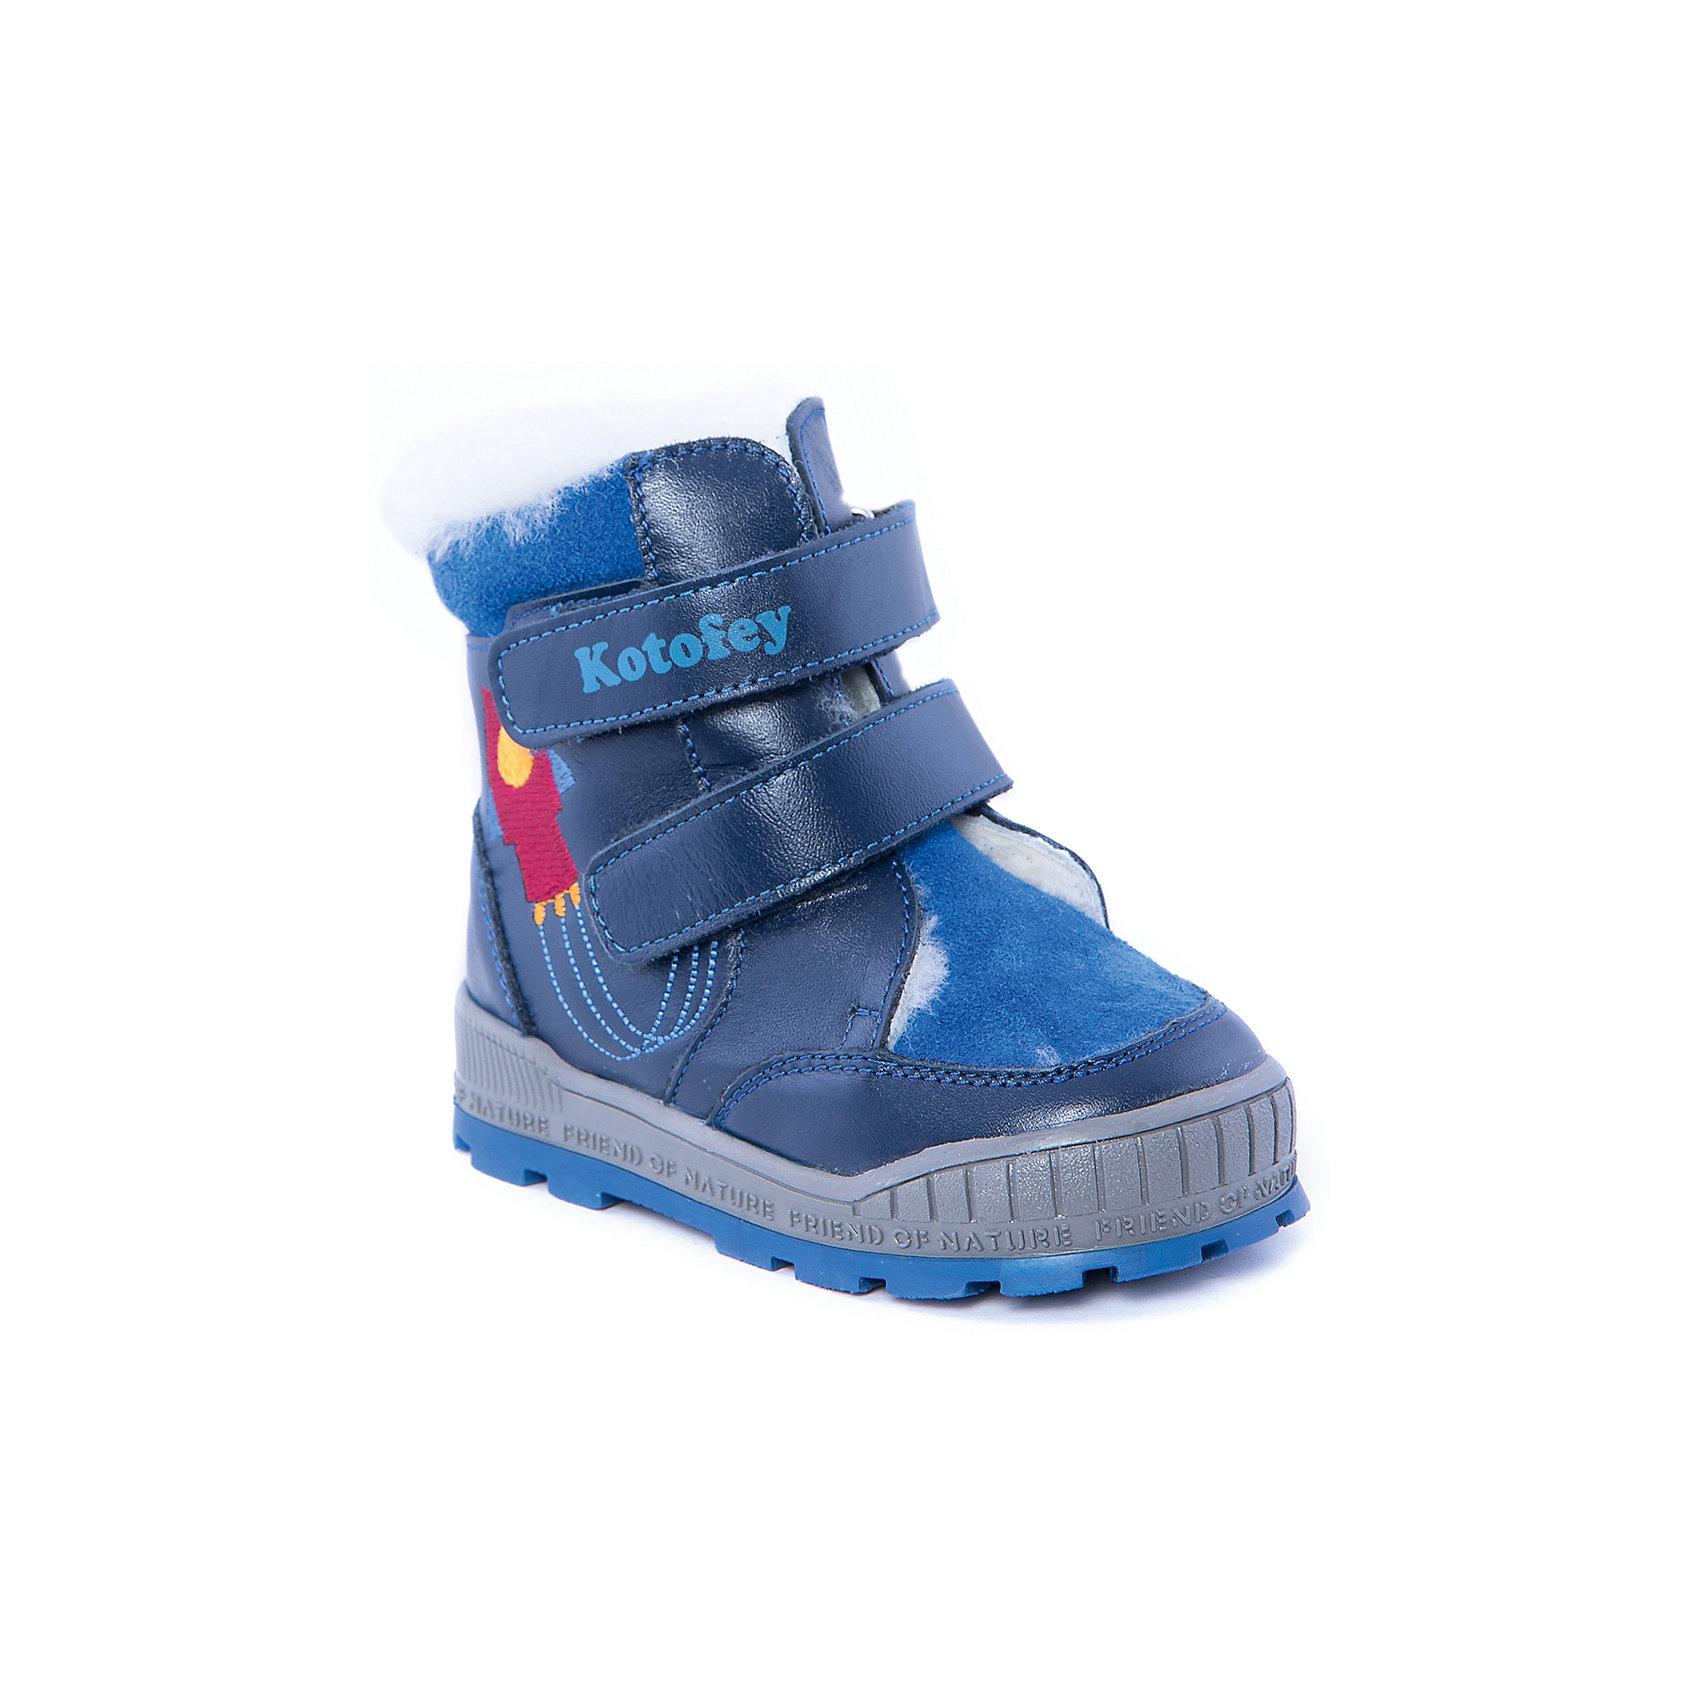 Ботинки для мальчика КотофейБотинки для мальчика от известного российского бренда Котофей<br><br>Теплые ботинки не только хорошо сидят на ноге - они легко надеваются благодаря удобной липучке. Эта модель создана с учетом особенностей развития детской стопы, поэтому все детали проработаны особенно тщательно.<br><br>Особенности модели: <br><br>- цвет - синий;<br>- вышивка - ракета;<br>- внутри натуральный мех;<br>- верх – натуральная кожа;<br>- комфортная колодка;<br>- подкладка утепленная;<br>- вид крепления – клеевой;<br>- защита пальцев;<br>- амортизирующая устойчивая подошва;<br>- застежка - липучка.<br><br>Дополнительная информация:<br><br>Температурный режим: <br><br>от -25° С до 0° С<br><br>Состав:<br>верх – натуральная кожа;<br>подкладка - овчина;<br>подошва - ТЭП;<br><br>Ботинки для мальчика Котофей можно купить в нашем магазине.<br><br>Ширина мм: 262<br>Глубина мм: 176<br>Высота мм: 97<br>Вес г: 427<br>Цвет: синий<br>Возраст от месяцев: 21<br>Возраст до месяцев: 24<br>Пол: Мужской<br>Возраст: Детский<br>Размер: 24,26,23,25<br>SKU: 4315268